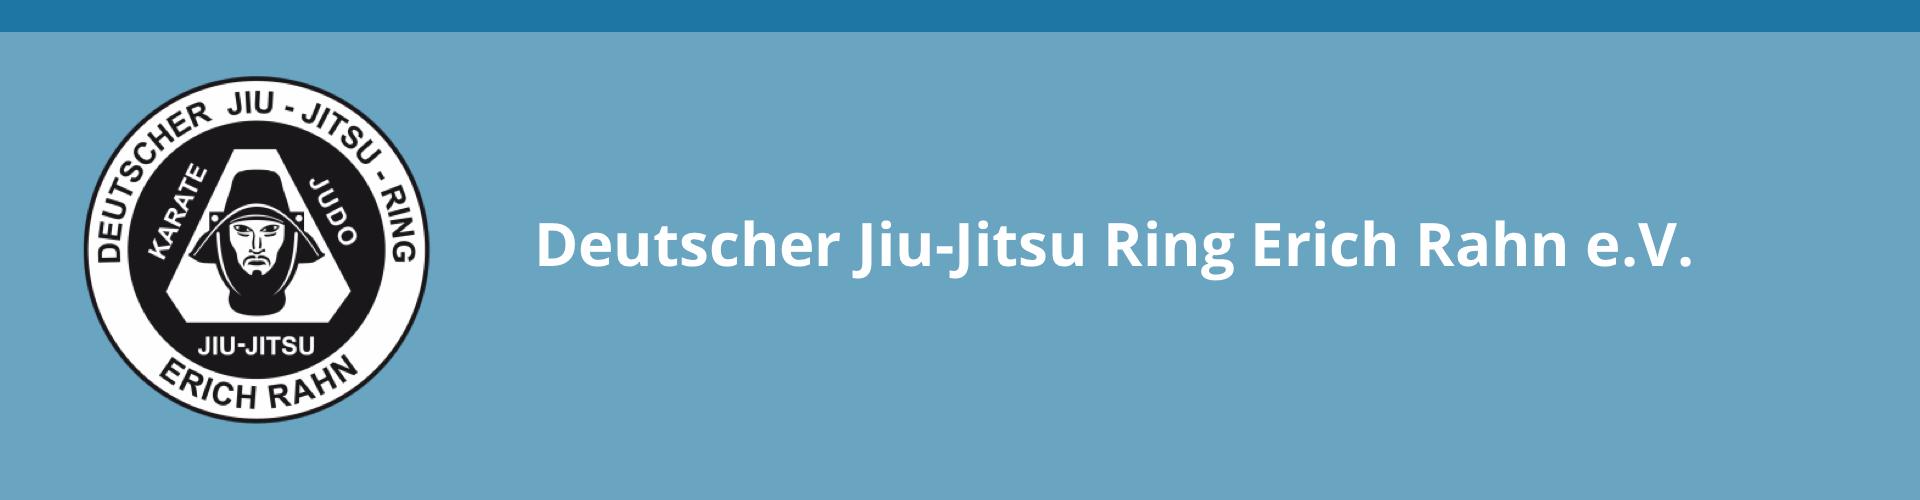 DJJR Deutscher Jiu Jitsu Ring Erich Rahn e.V. – Verband für asiatische Kampfkunst